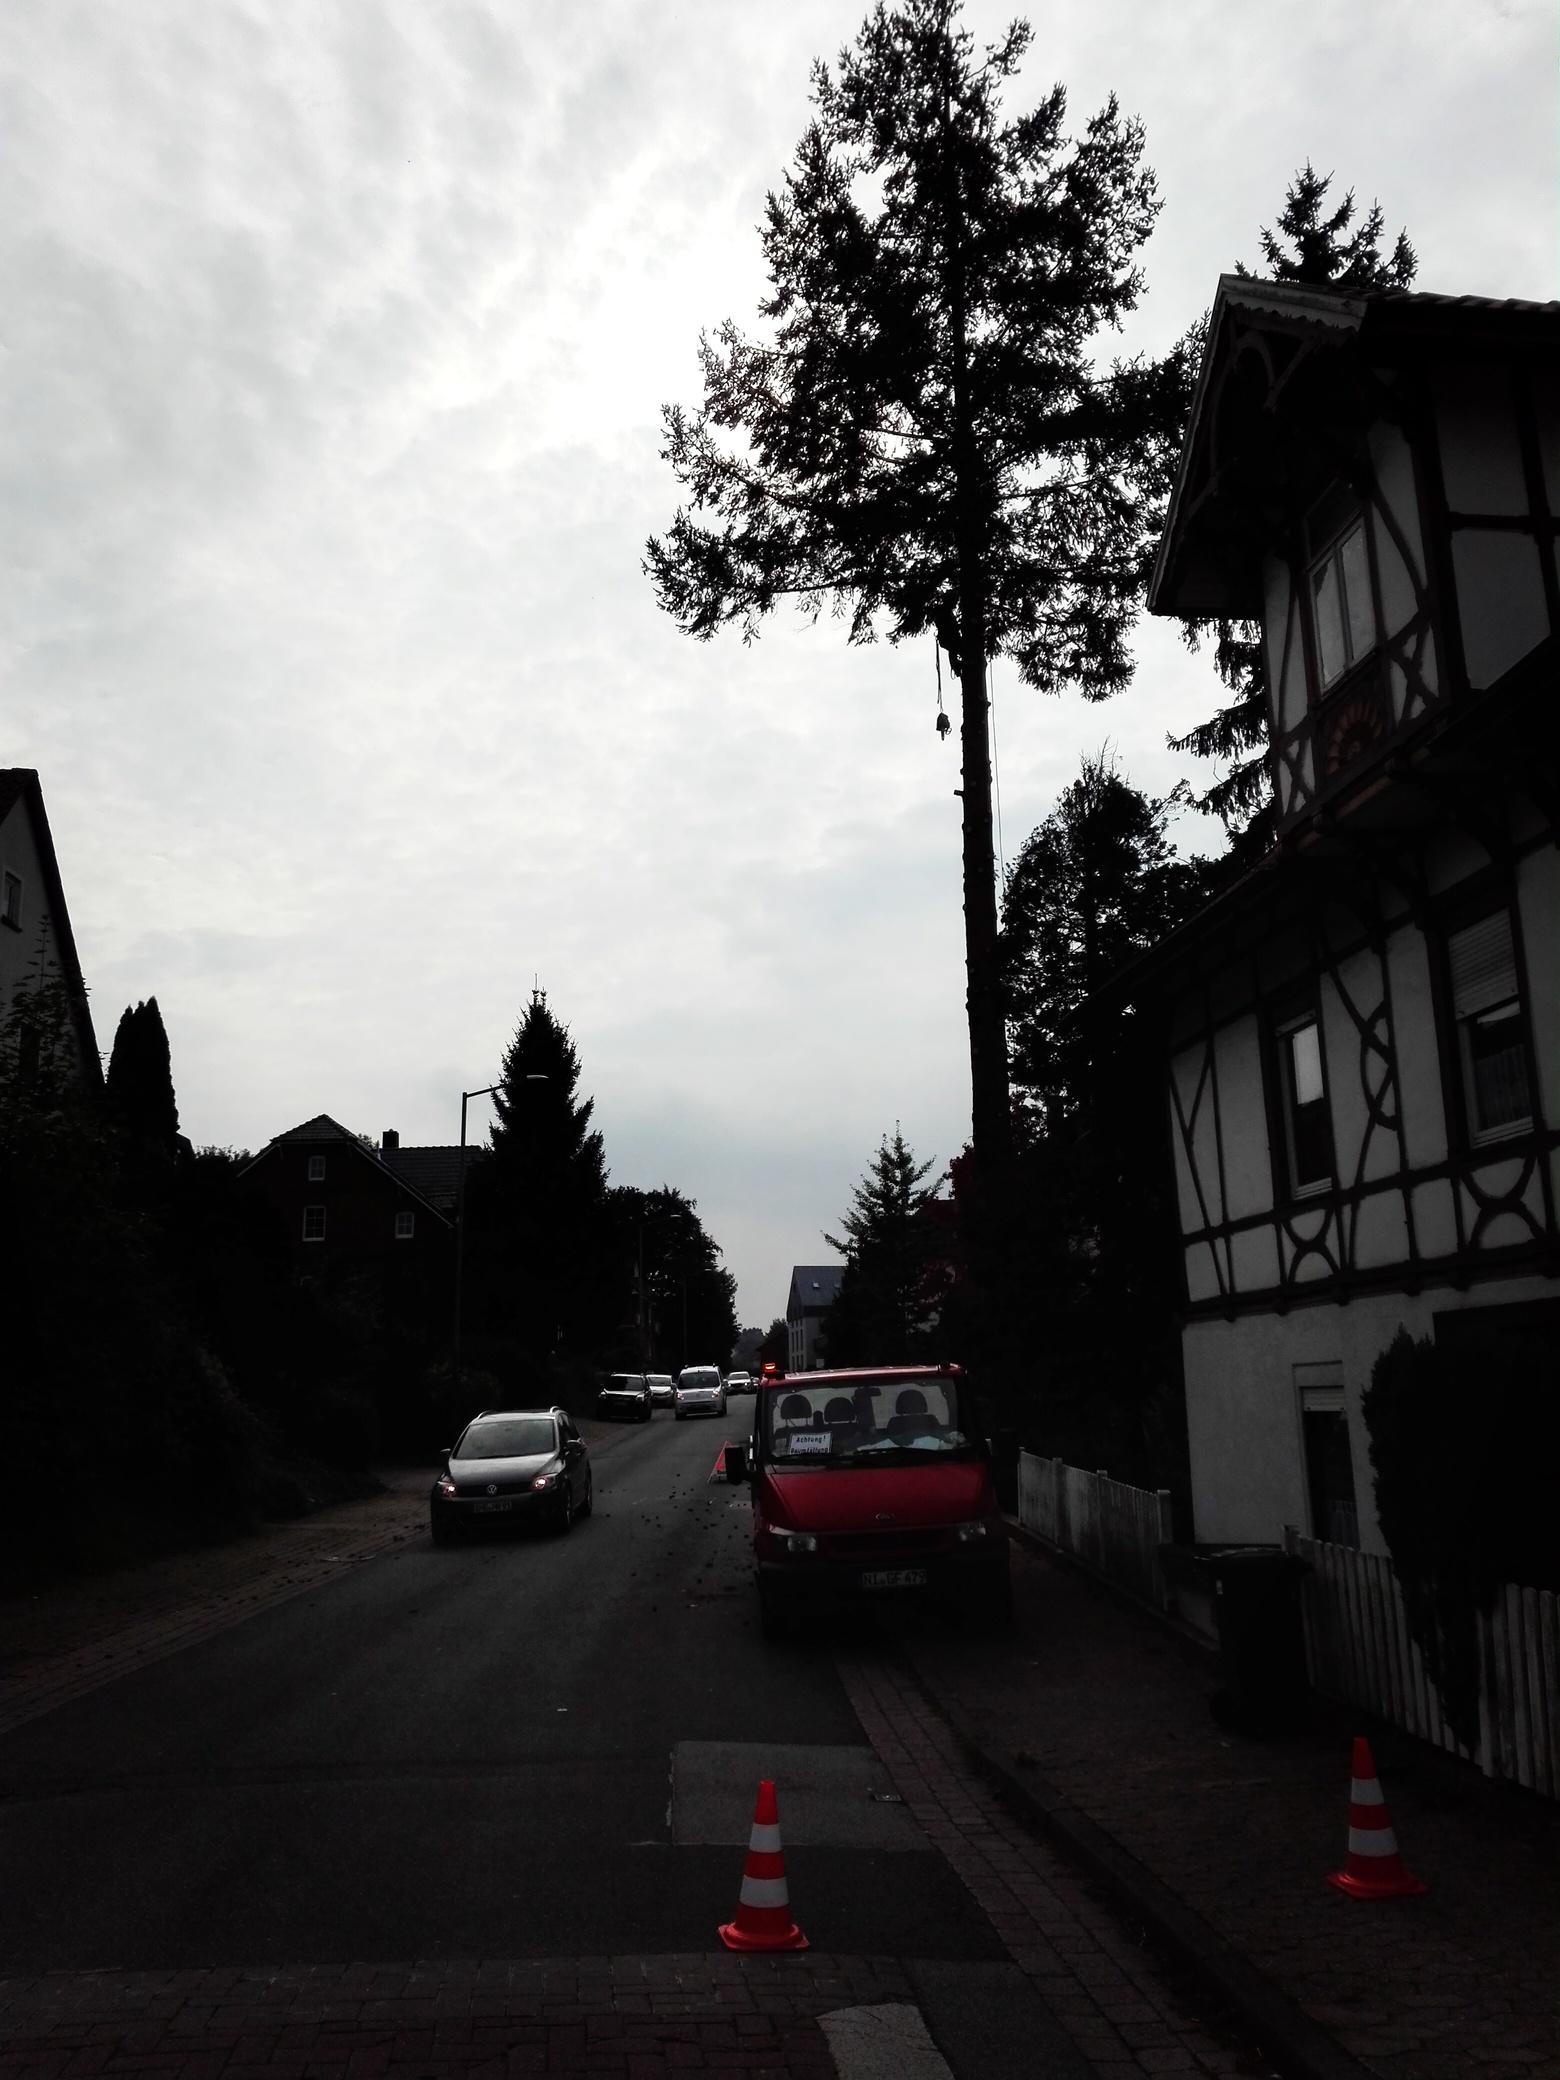 12. Bildergalerie - mammutbaum-lesse.de